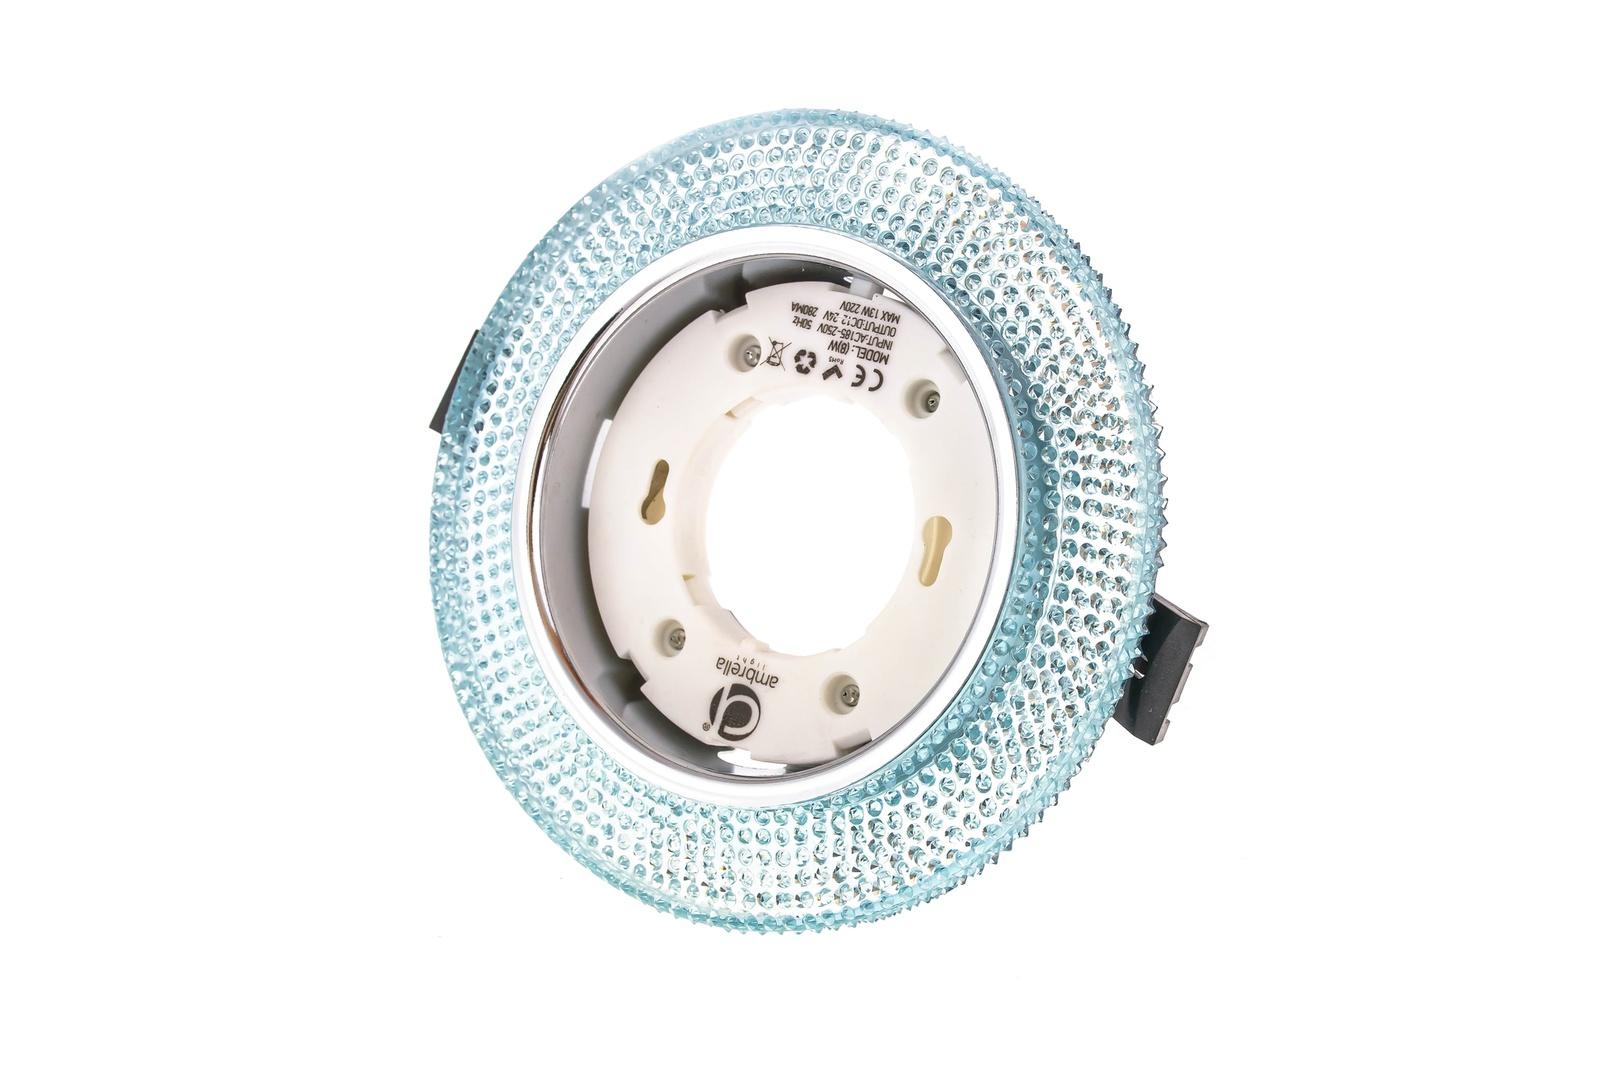 Встраиваемый светильник Ambrella light G290BLG290BLПотолочные точечные светильники - хорошая замена традиционному освещению. С их помощью можно сделать акценты на определенных зонах в помещении или создать романтическую обстановку. Точечные светодиодные светильники Ambrella light могут стать настоящим украшением — важно лишь правильно их выбрать в соответствии с задачами помещения. Данный светильник представляет собой яркий пример современного дизайна. Круглая кромка имеет дополнительный источник света в виде LED ленты. Дизайн позволяет сочетать модель как с классическими, так и с современными интерьерными решениями. Рекомендуемая лампа LED/галогенная GX53 12V/220V max 50W.